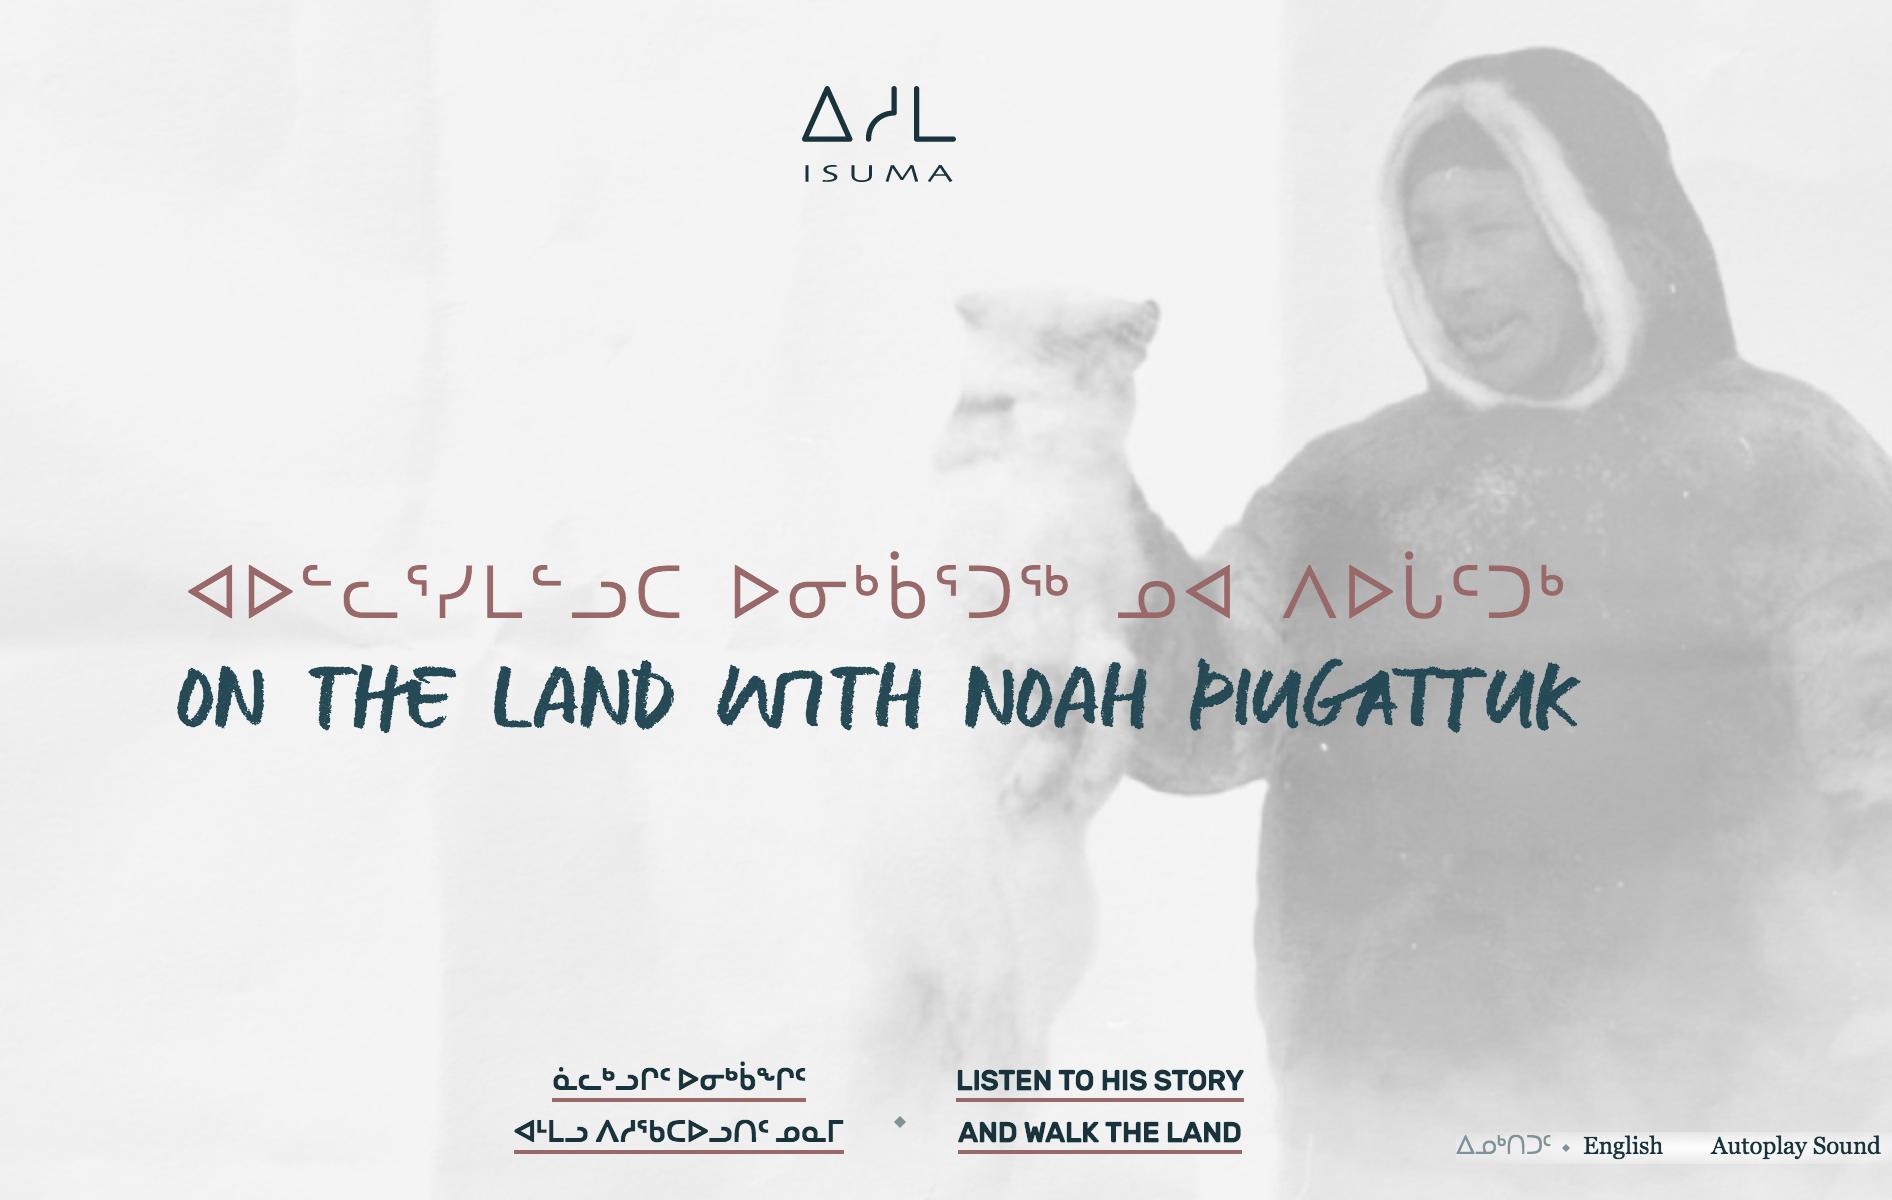 On the Land with Noah Piugattuk - Interactive Story Map